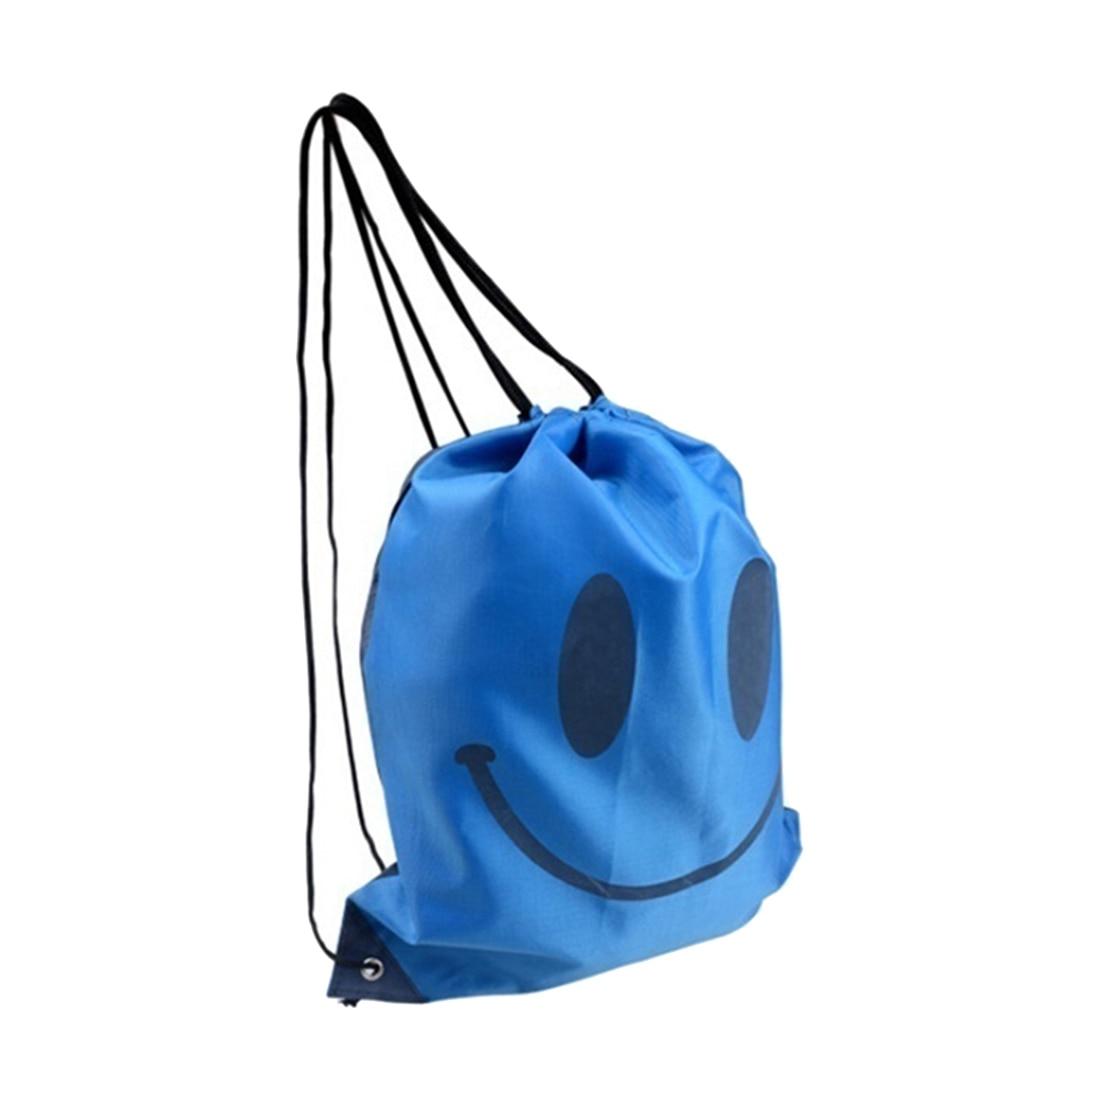 Smile  backpack  Drawstring Waterproof bag